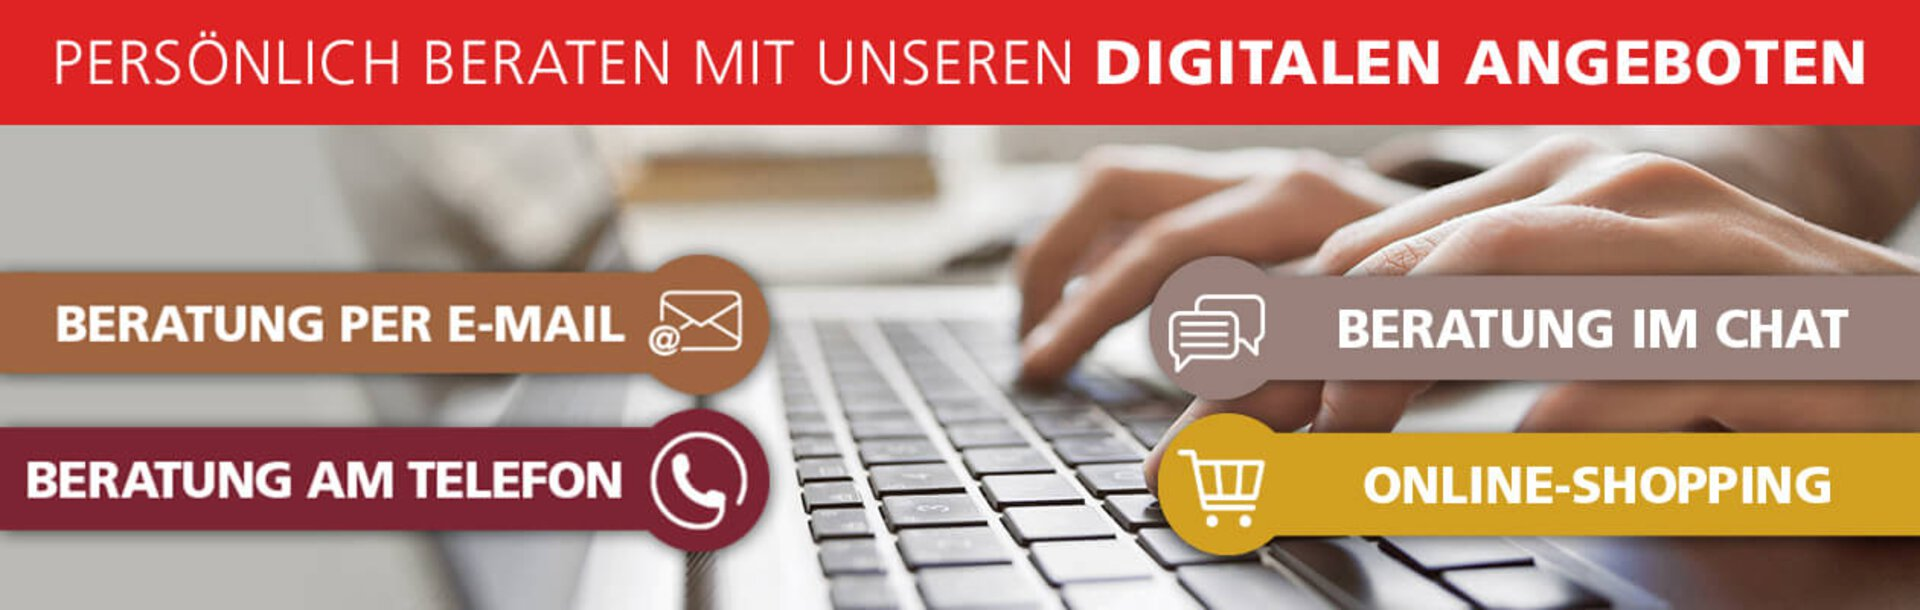 Persönlich beraten mit unseren digitalen Angeboten